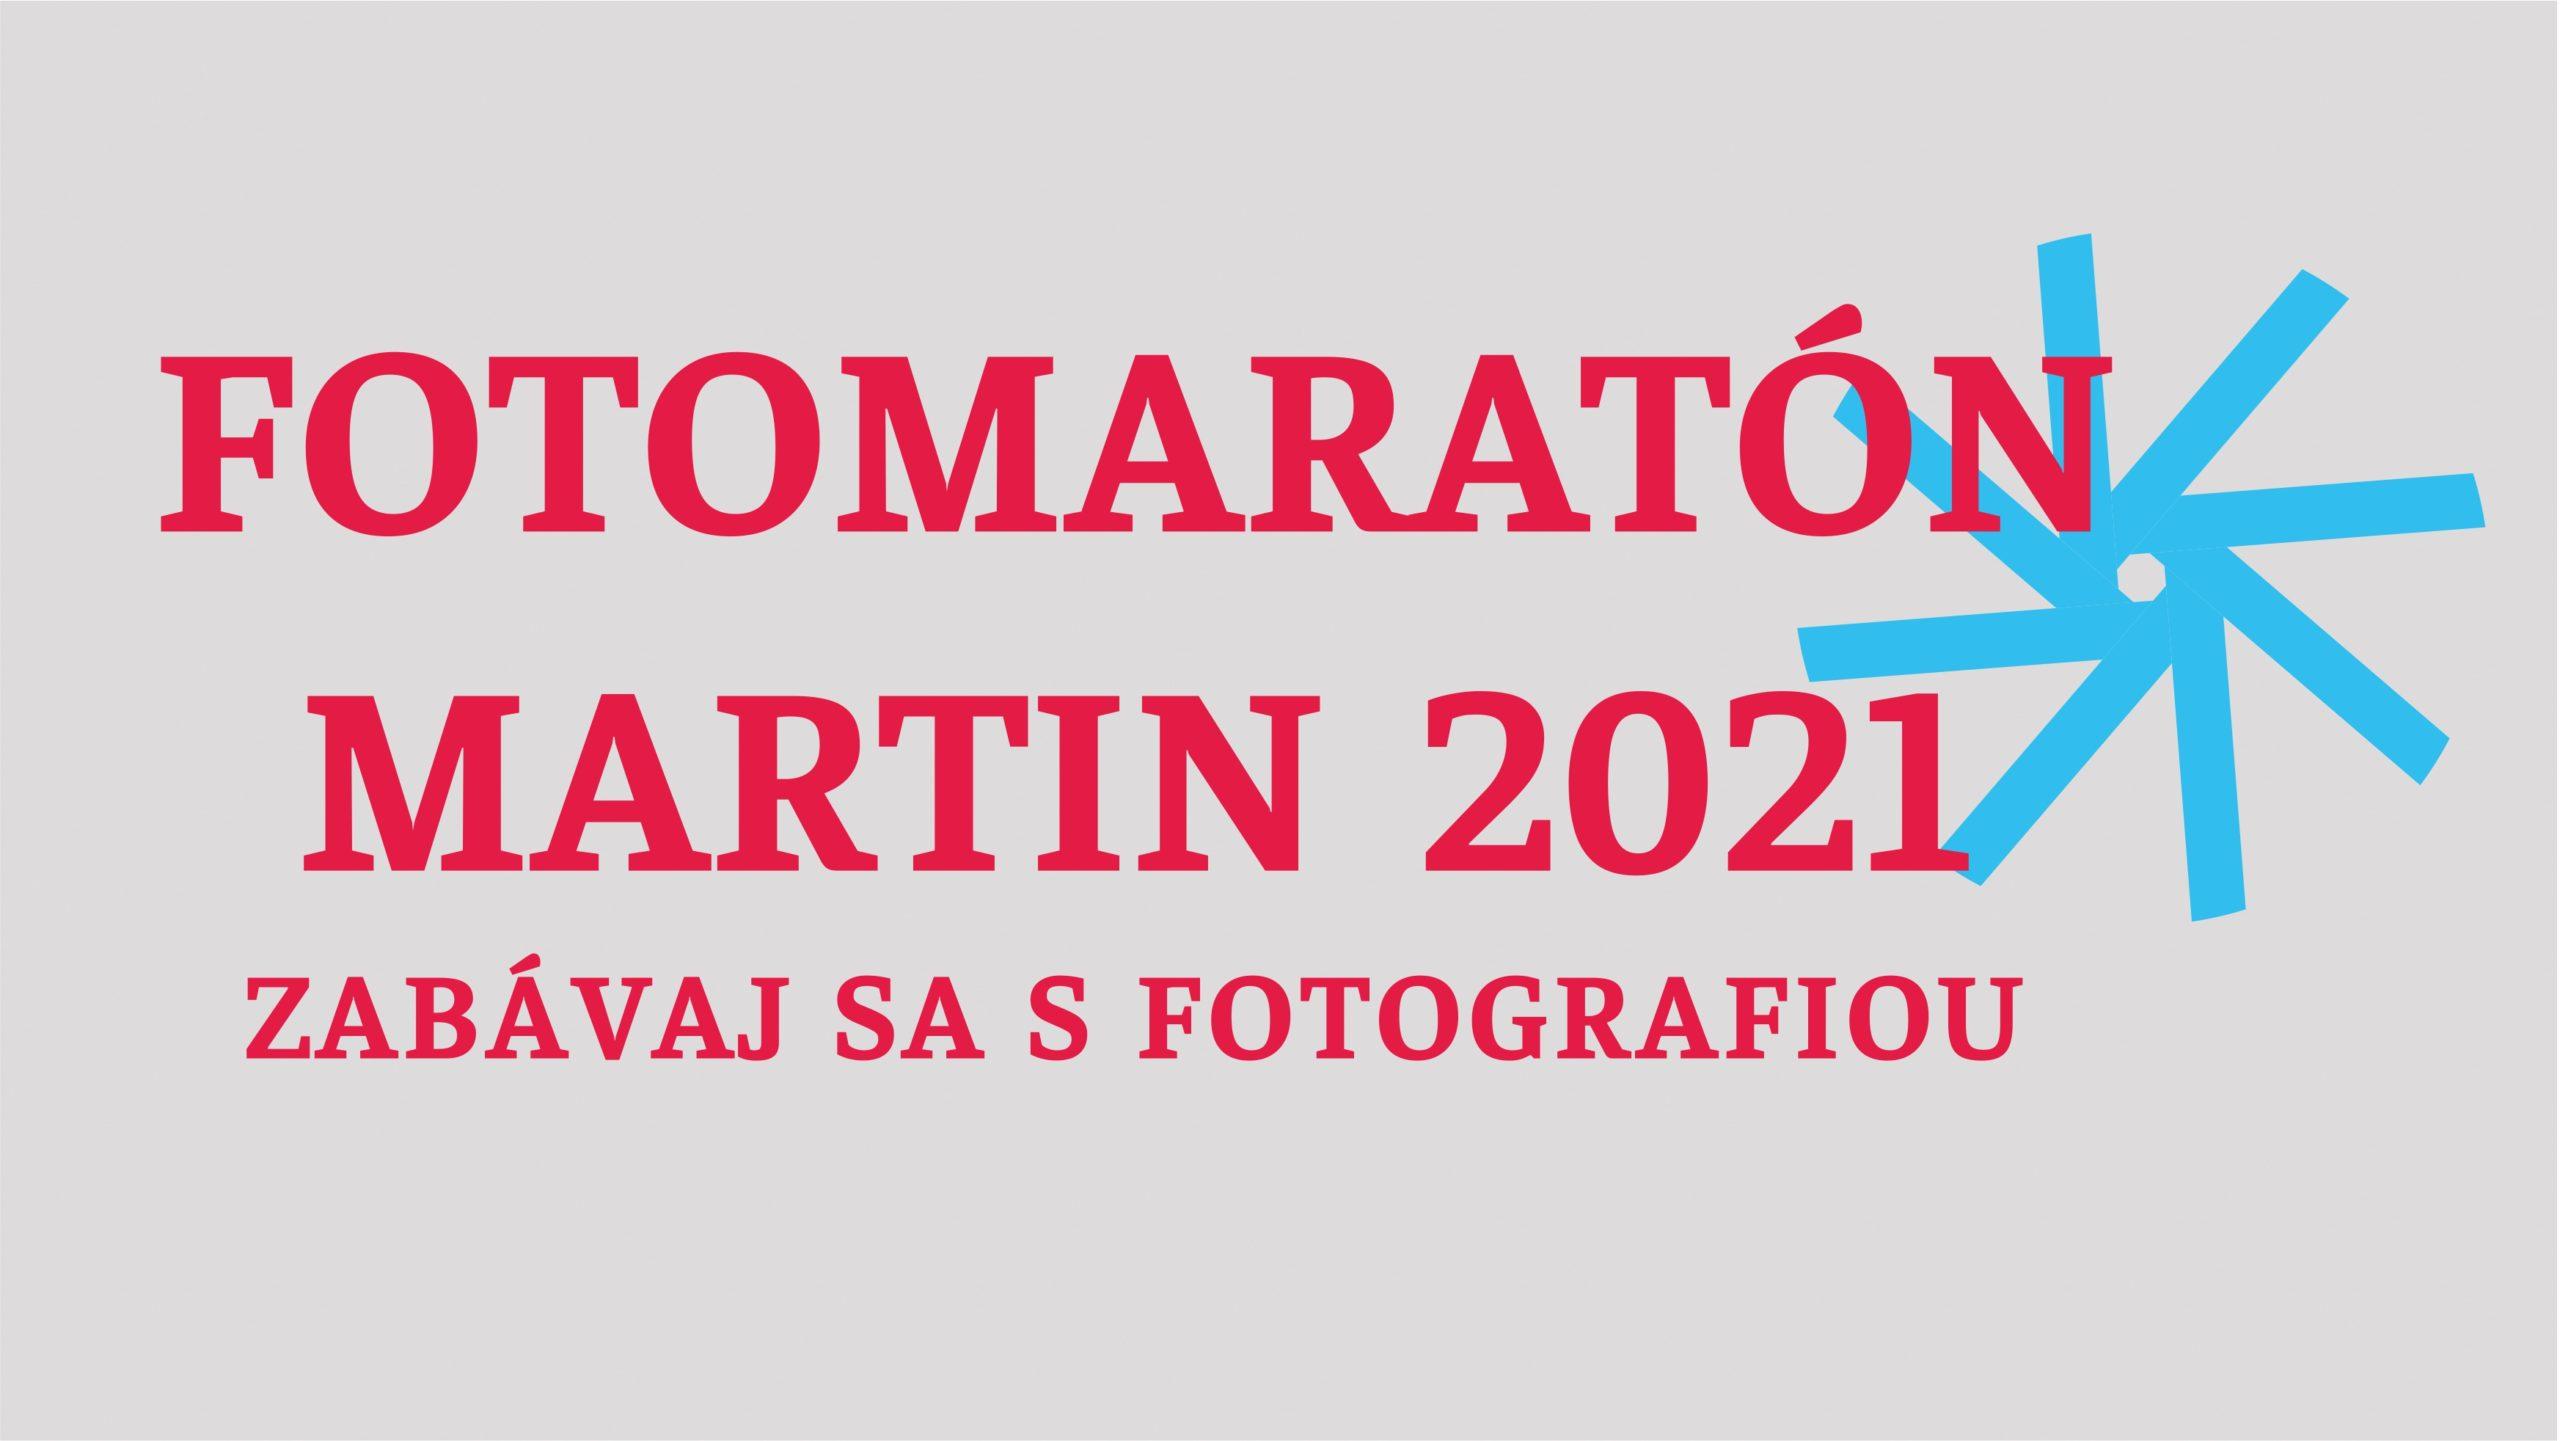 FOTOMARATÓN MARTIN – zabávaj sa fotografiou